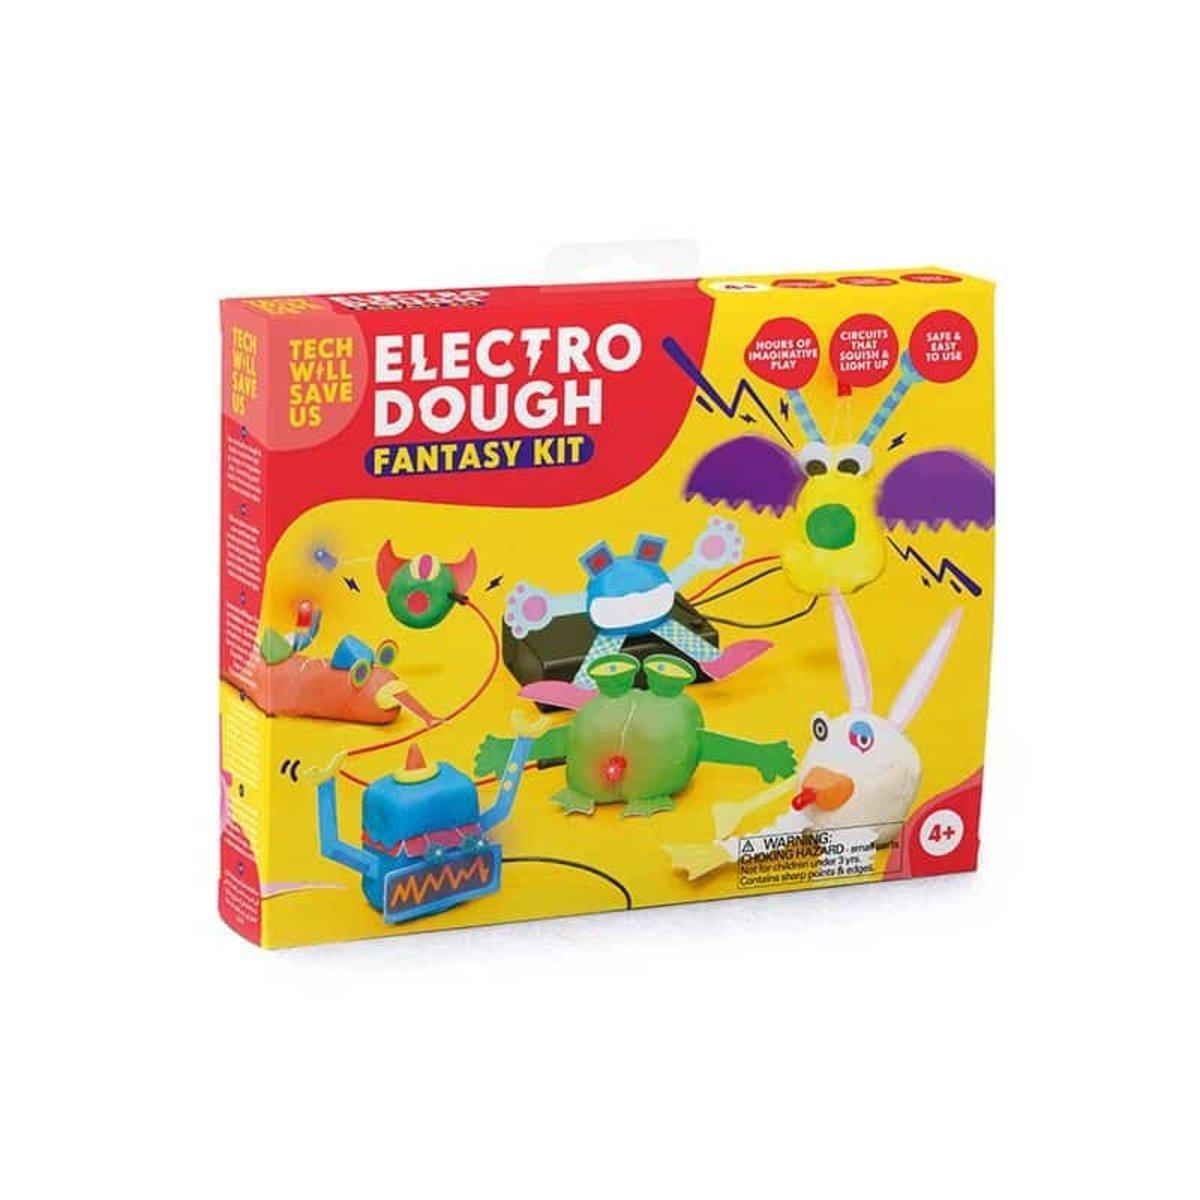 英國創意STEM玩具- 電子創意黏土- 夢幻套裝